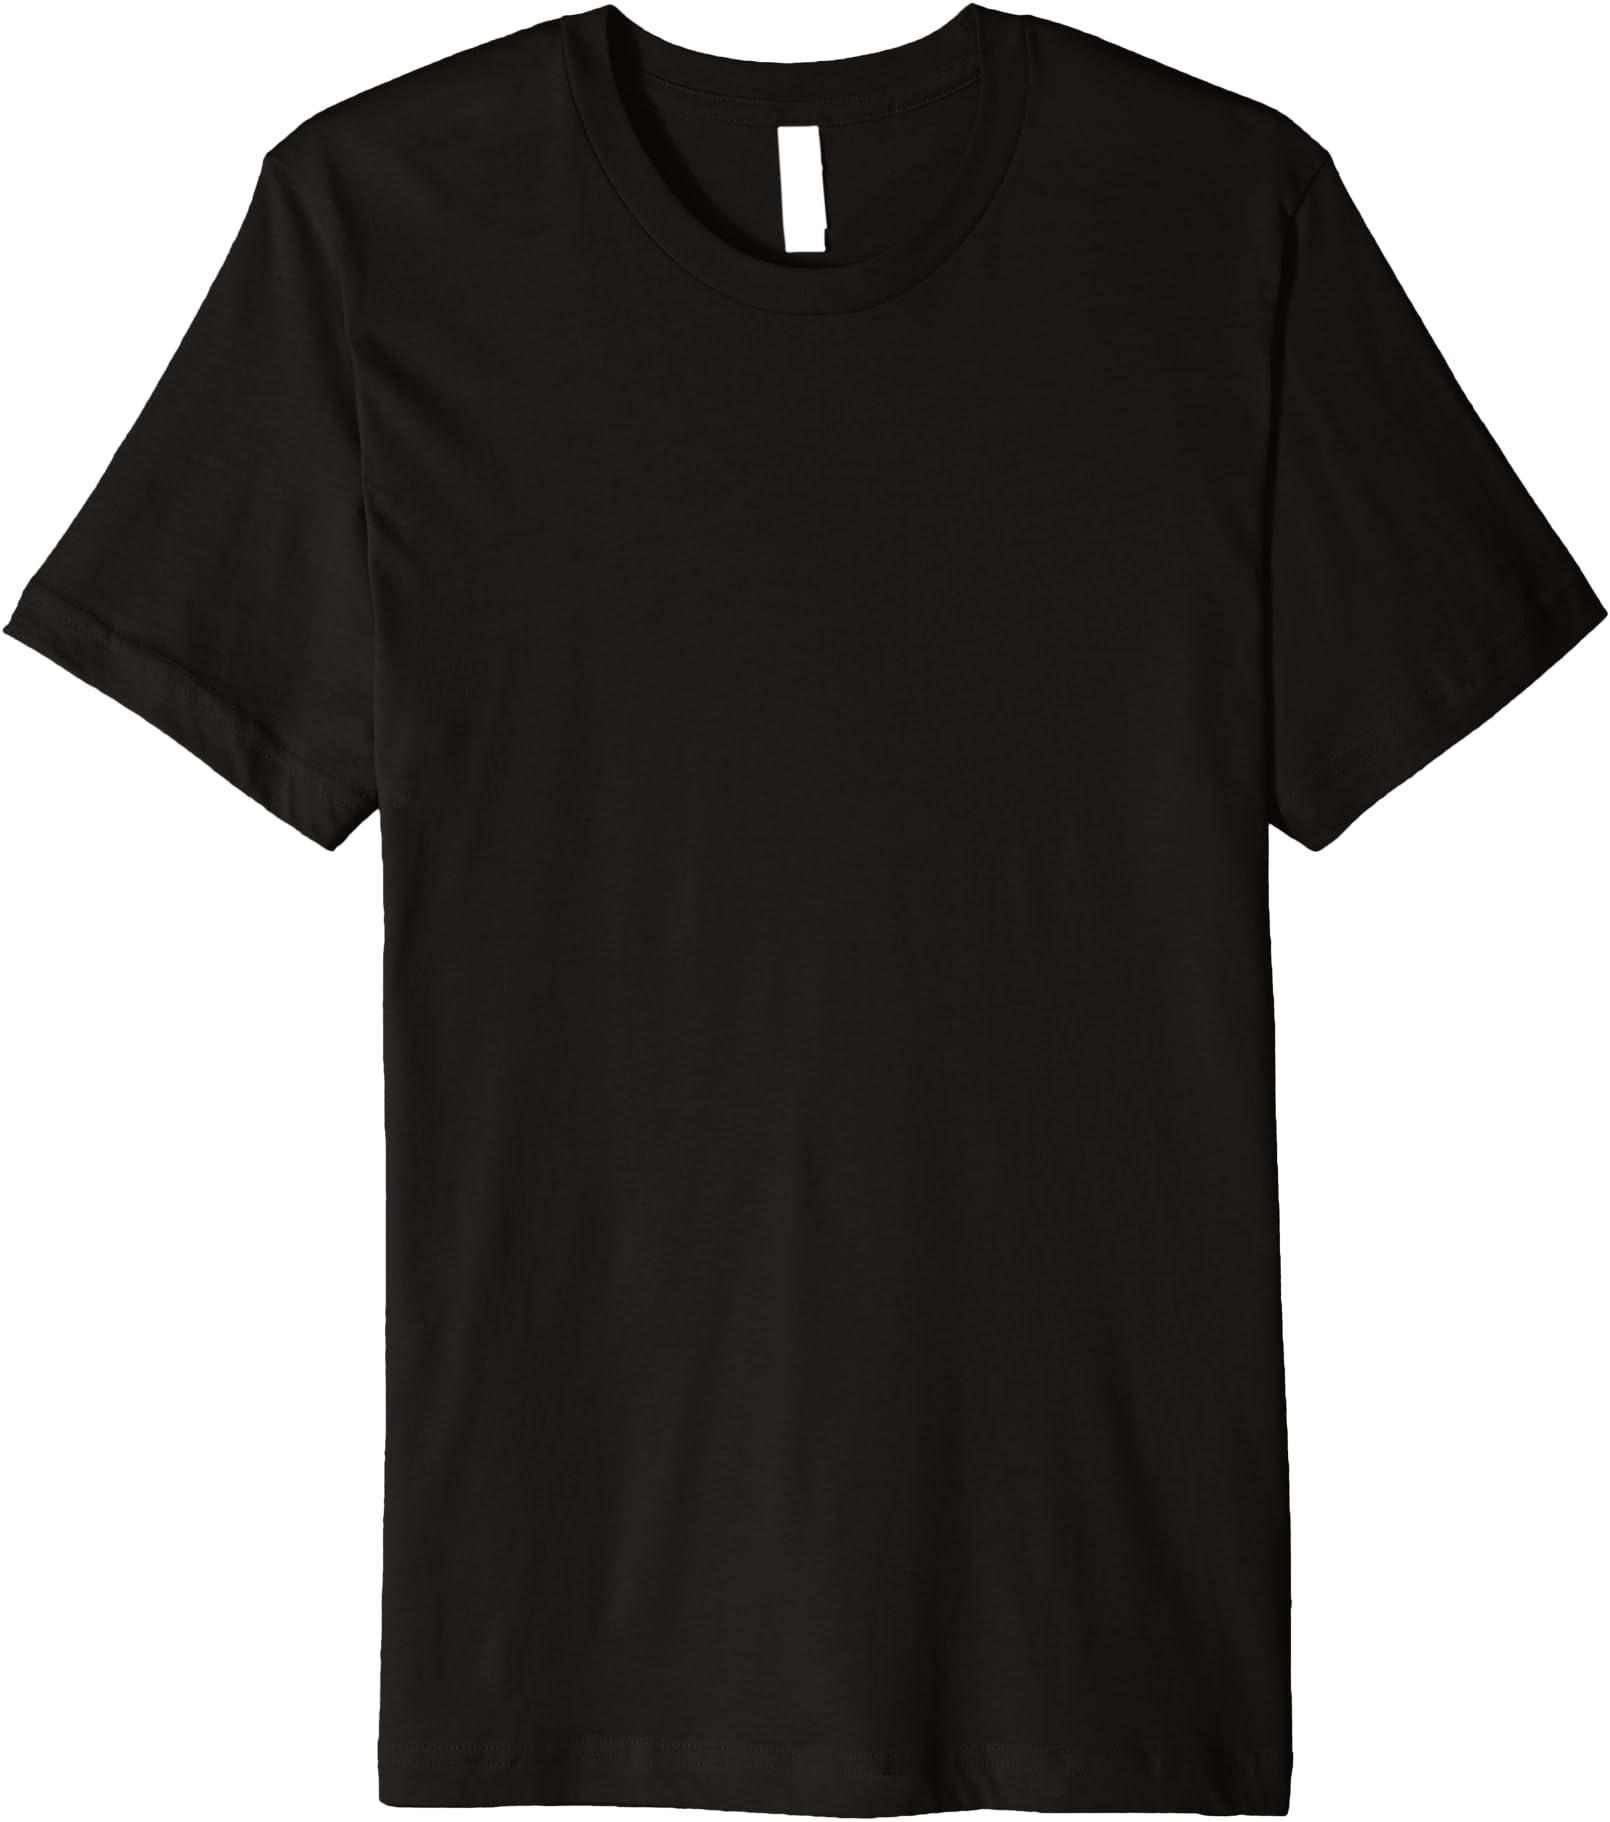 3D CASSETTE TAPE RETRO HIP HOP MIX TAPE RAP 90S Mens Black Sweatshirt